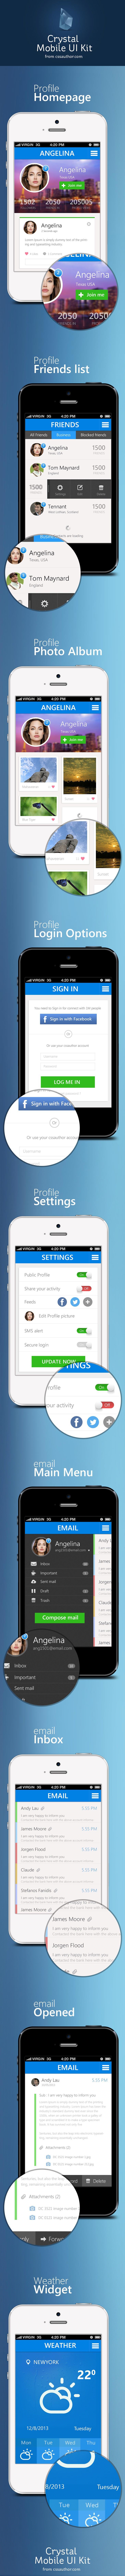 Crystal – Mobile Application UI Design PSD - cssauthor.com